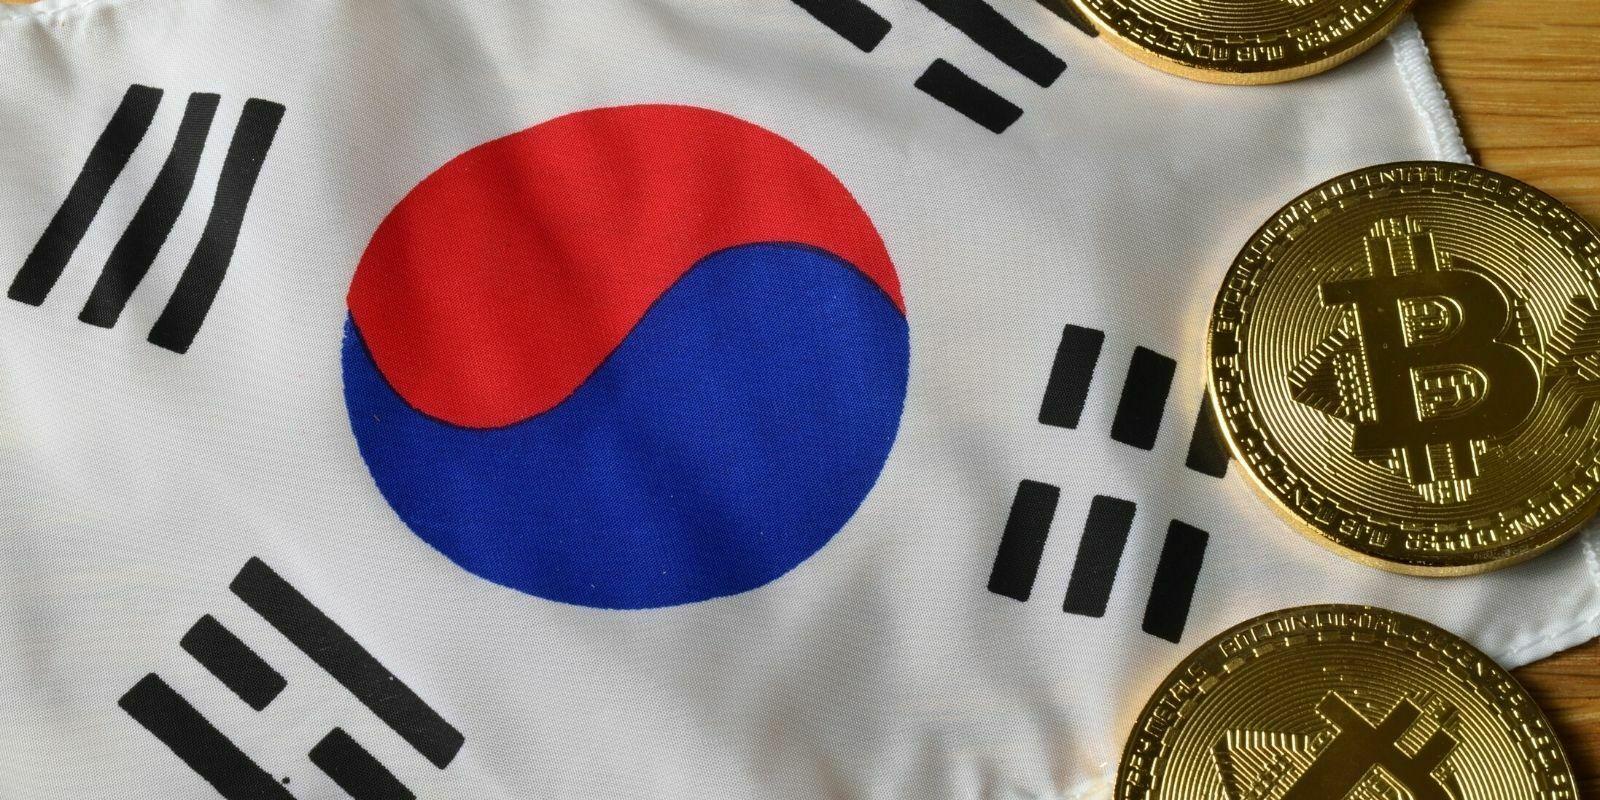 La Corée du Sud adopte une taxe de 20% sur les gains en cryptomonnaies